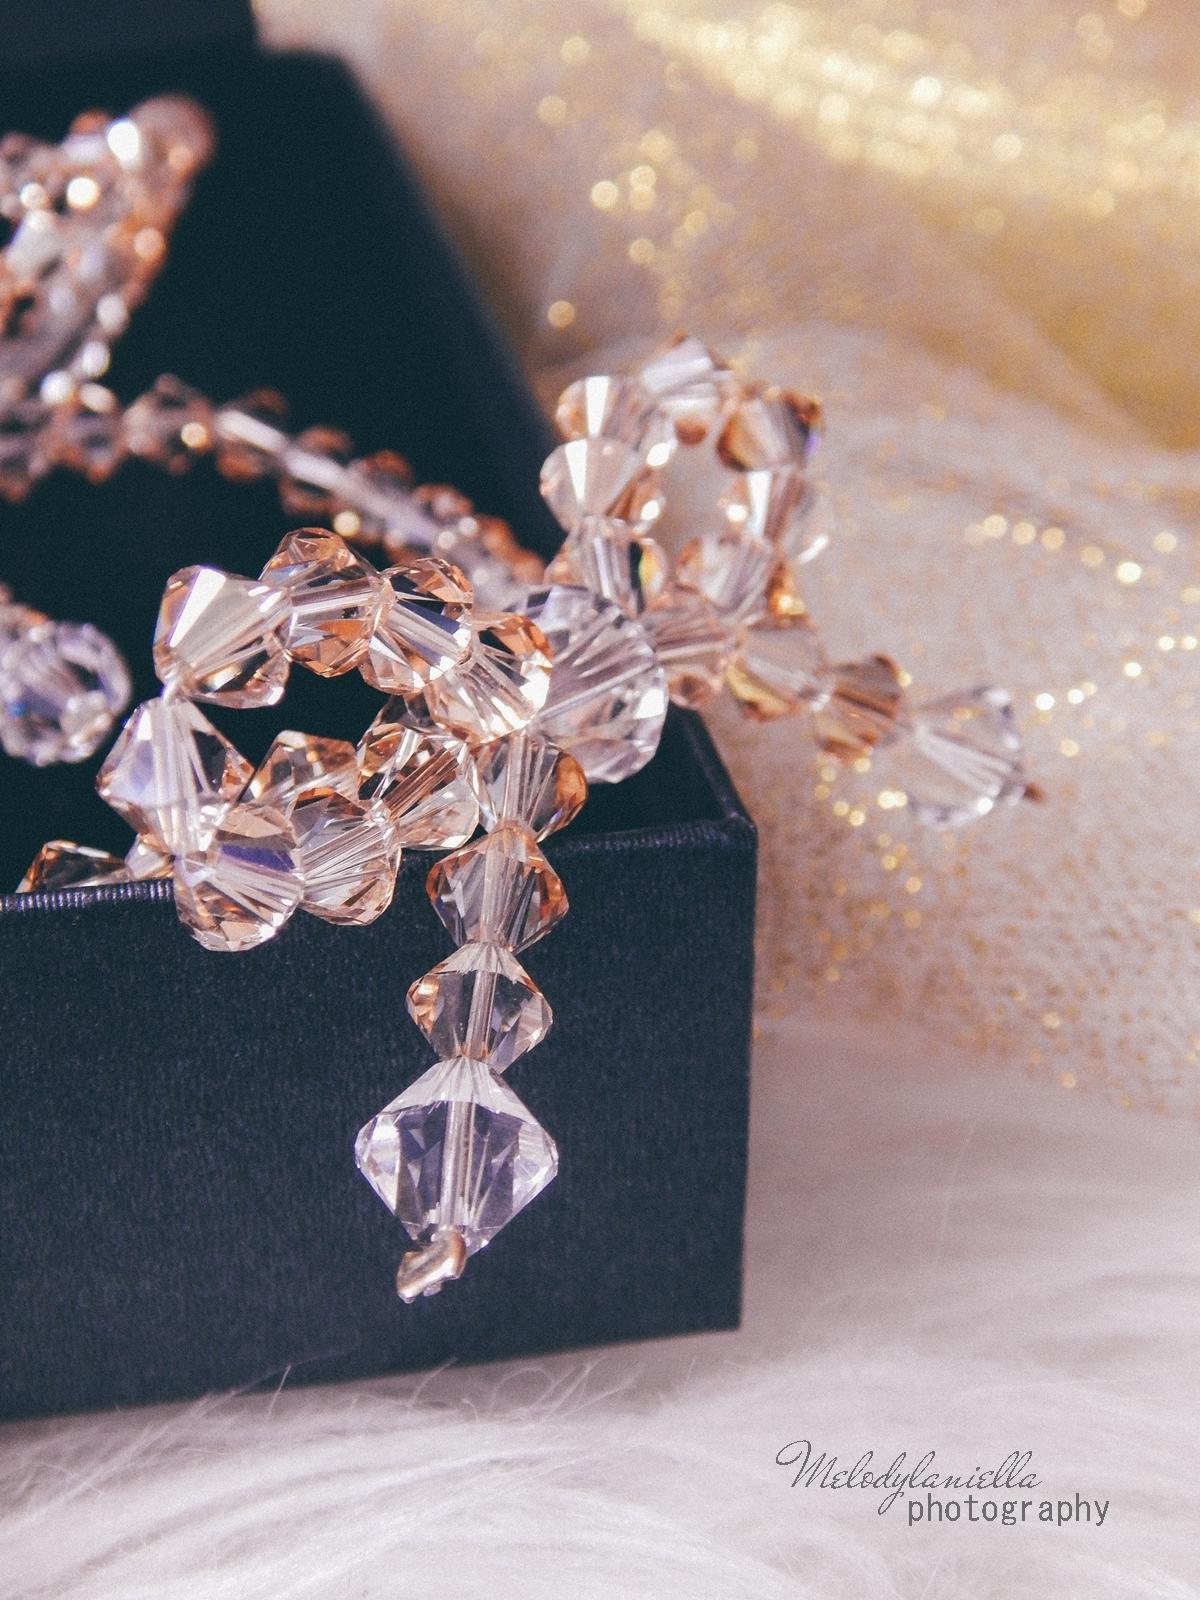 8 biżuteria M piotrowski recenzje kryształy swarovski przegląd opinie recenzje jak dobrać biżuterie modna biżuteria stylowe dodatki kryształy bransoletka z kokardką naszyjnik z kokardą złoto srebro fashion